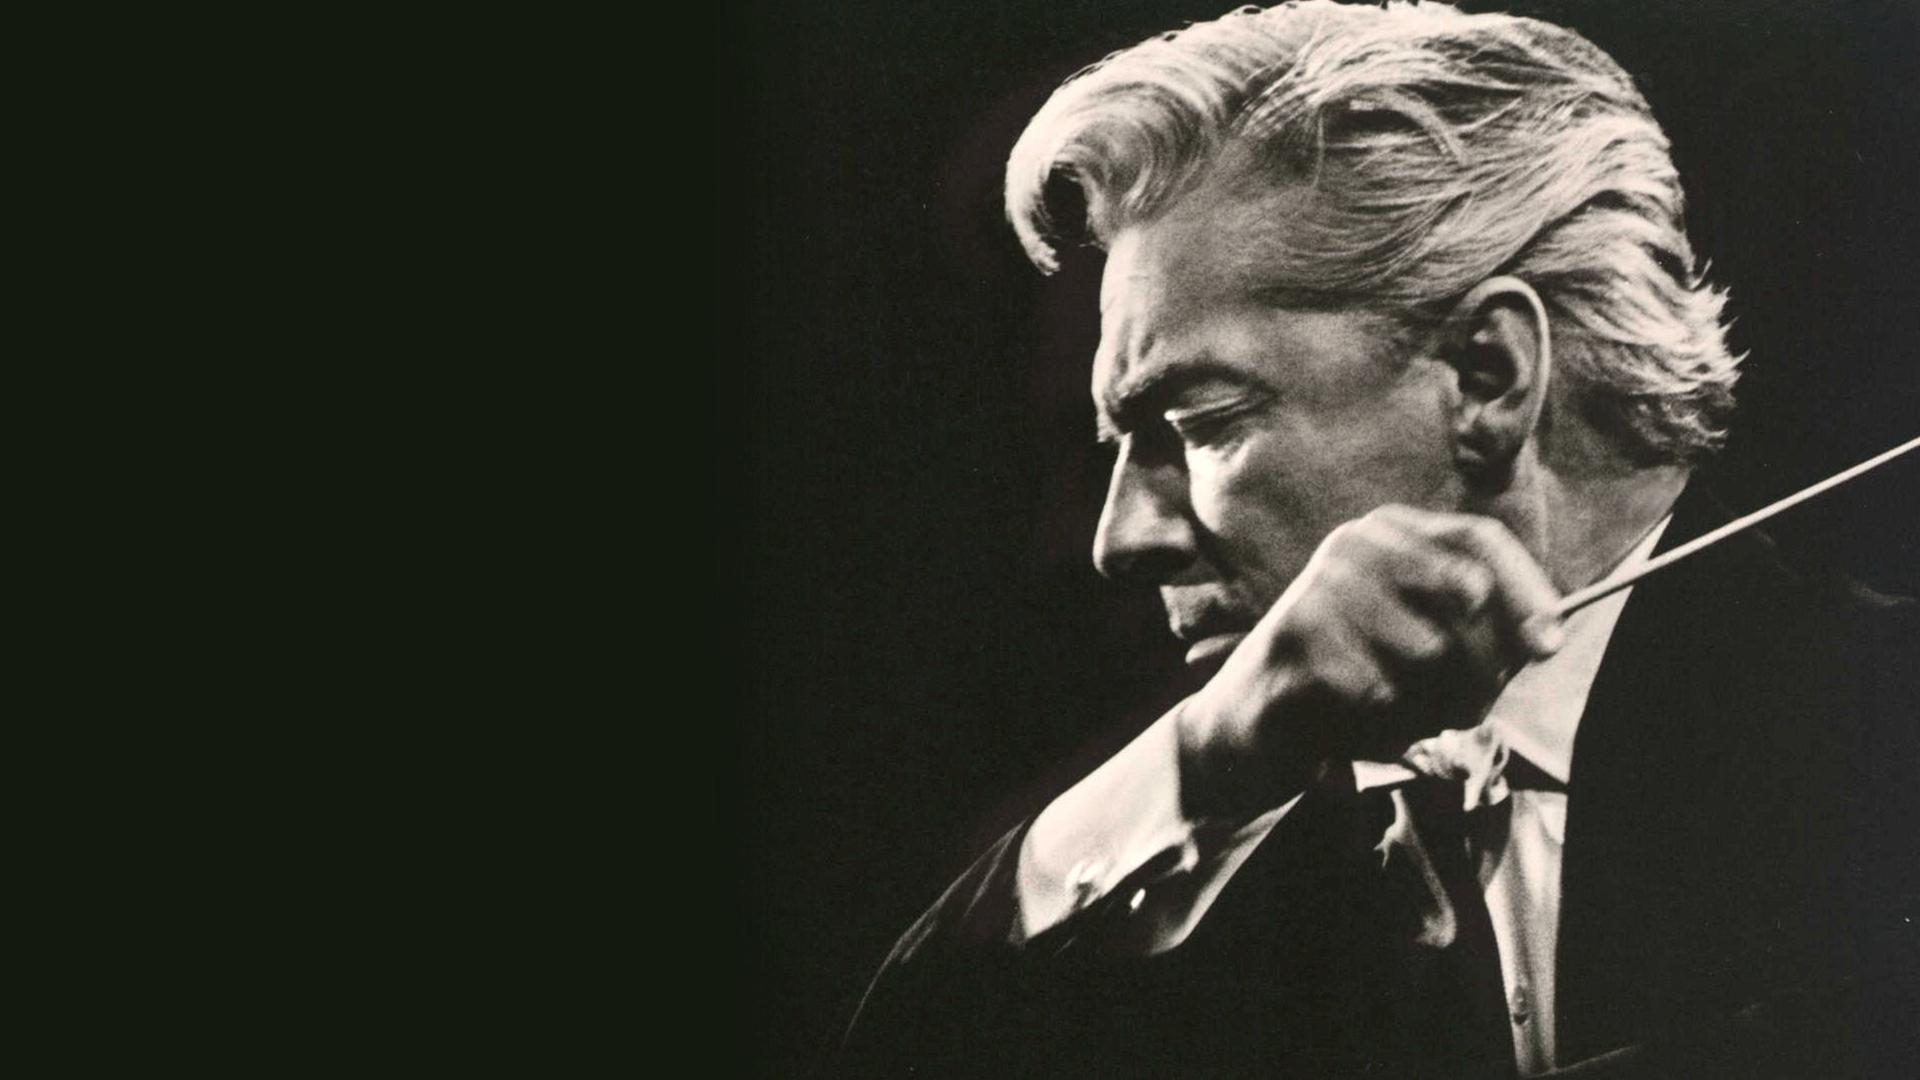 Herbert von Karajan dirige la Symphonie n°2 de Beethoven